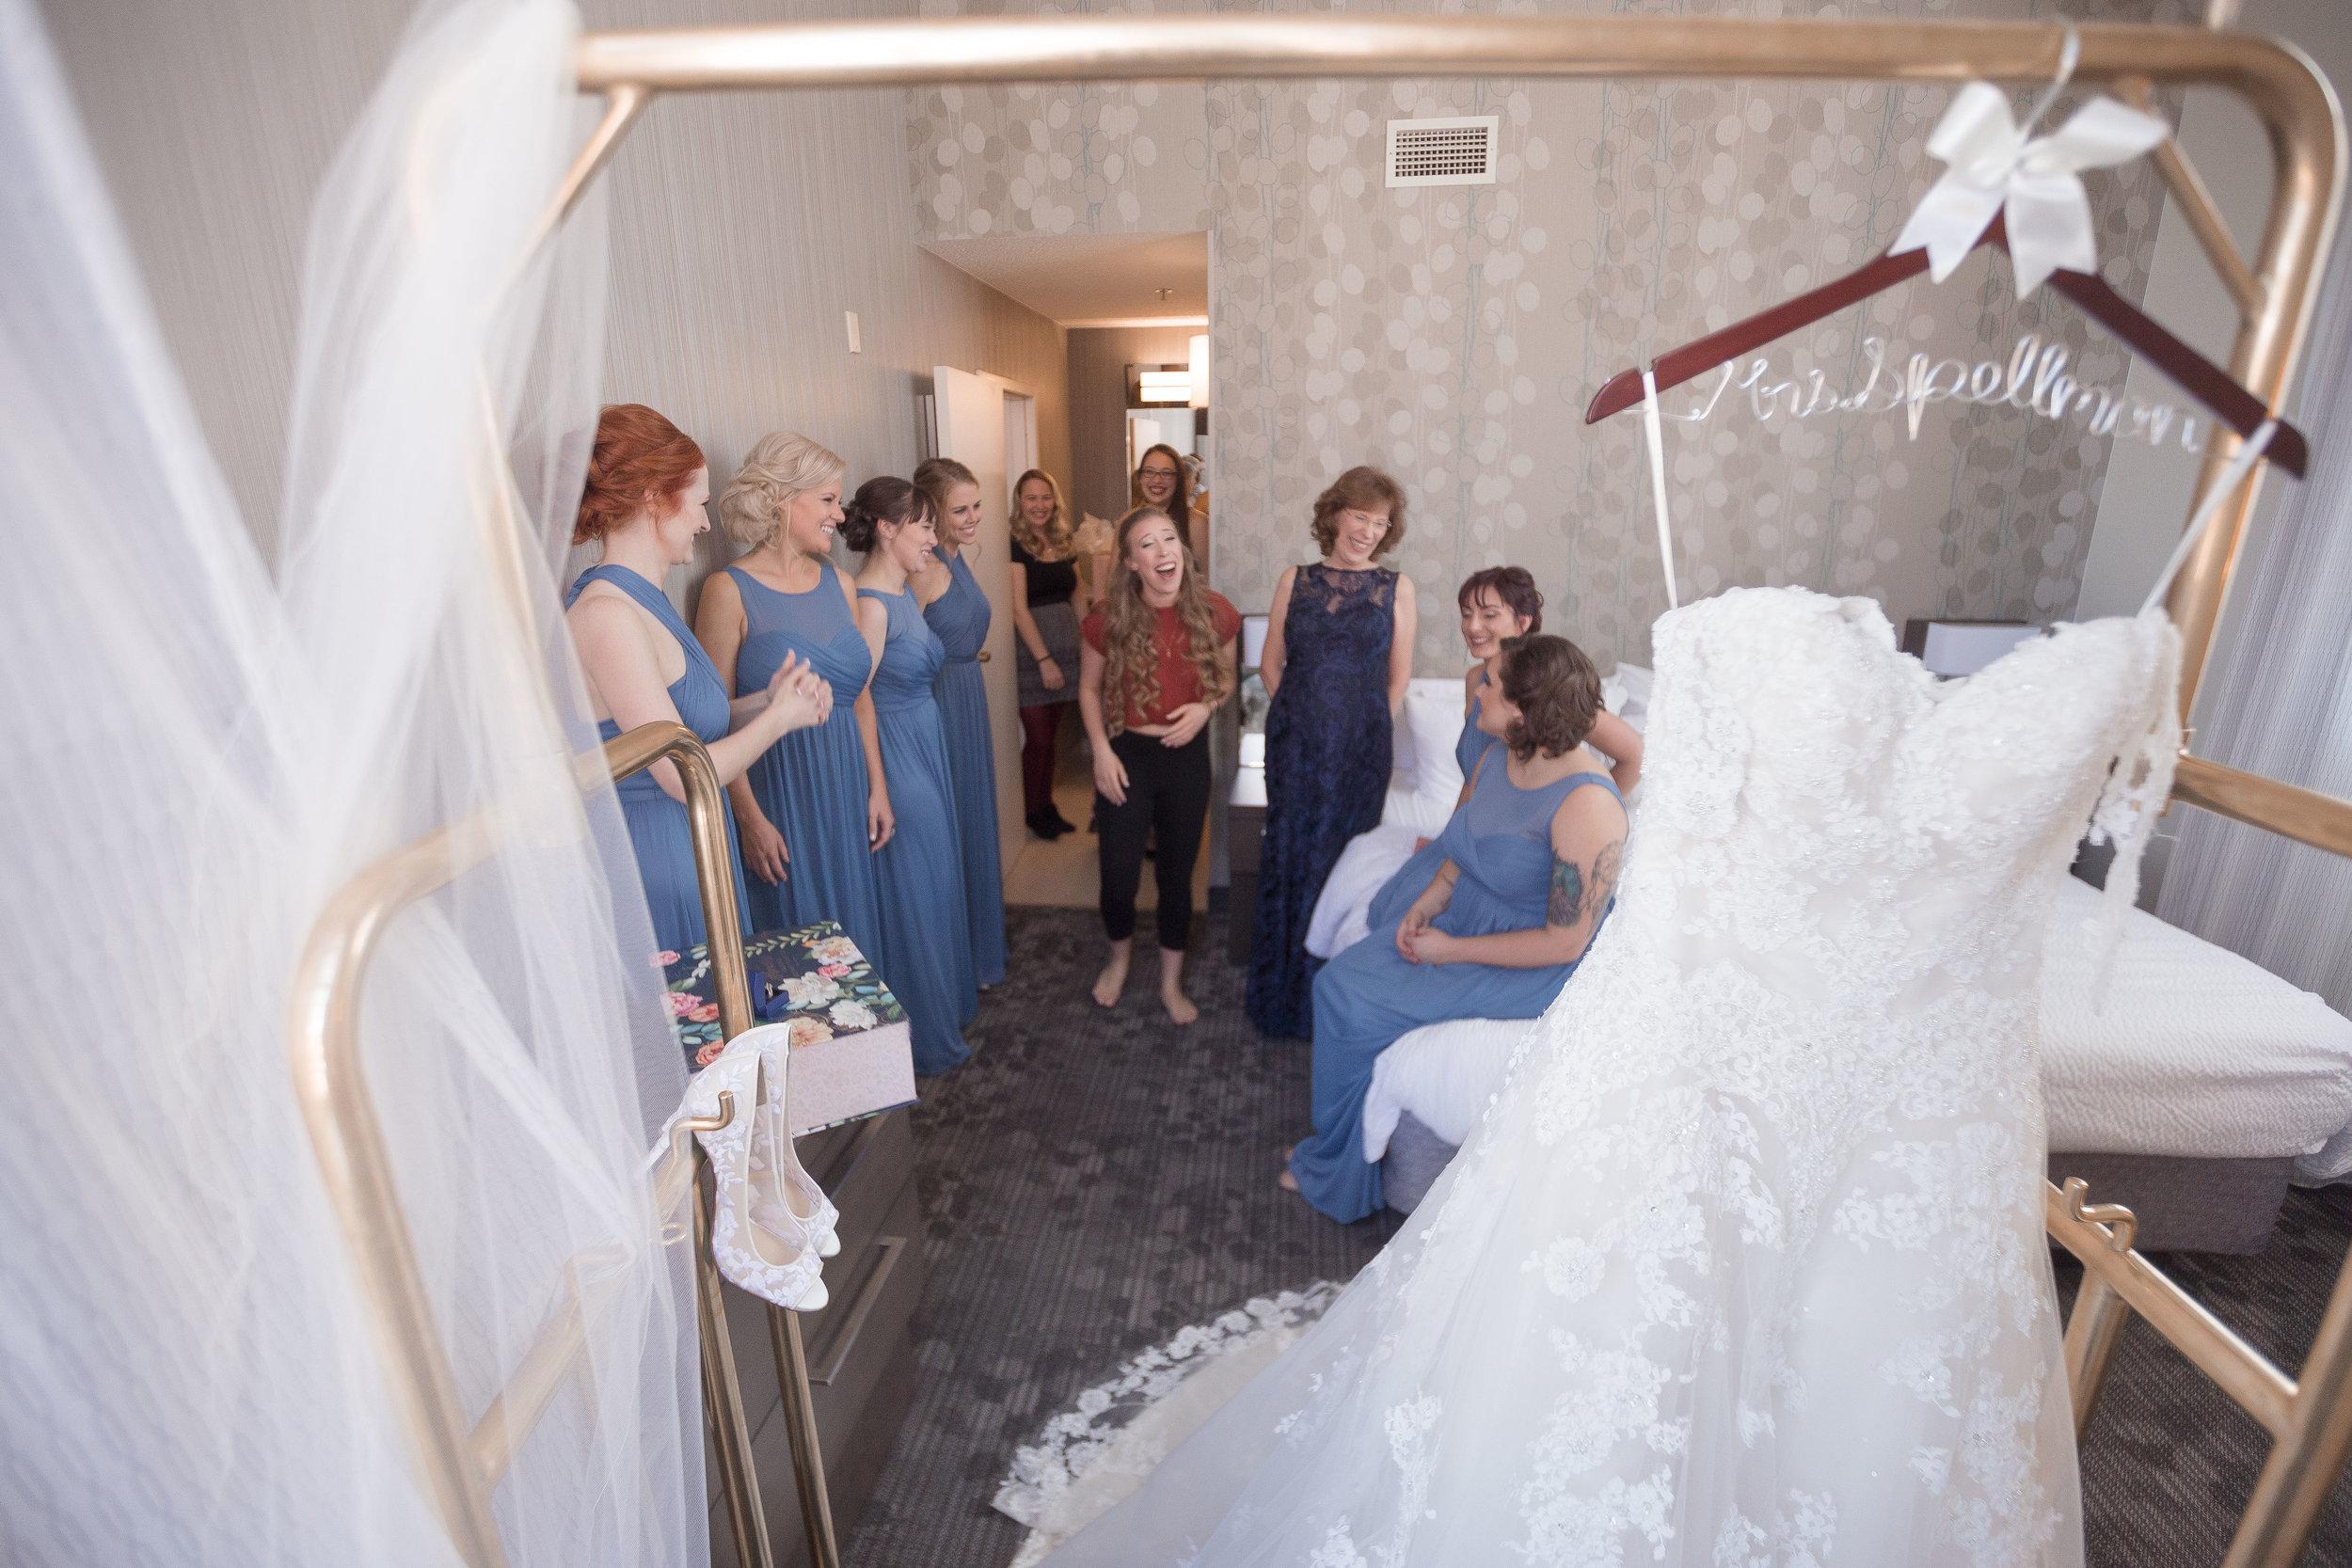 C_Wedding_Spellman, Megan & Tyler_10.27.18-195.JPG